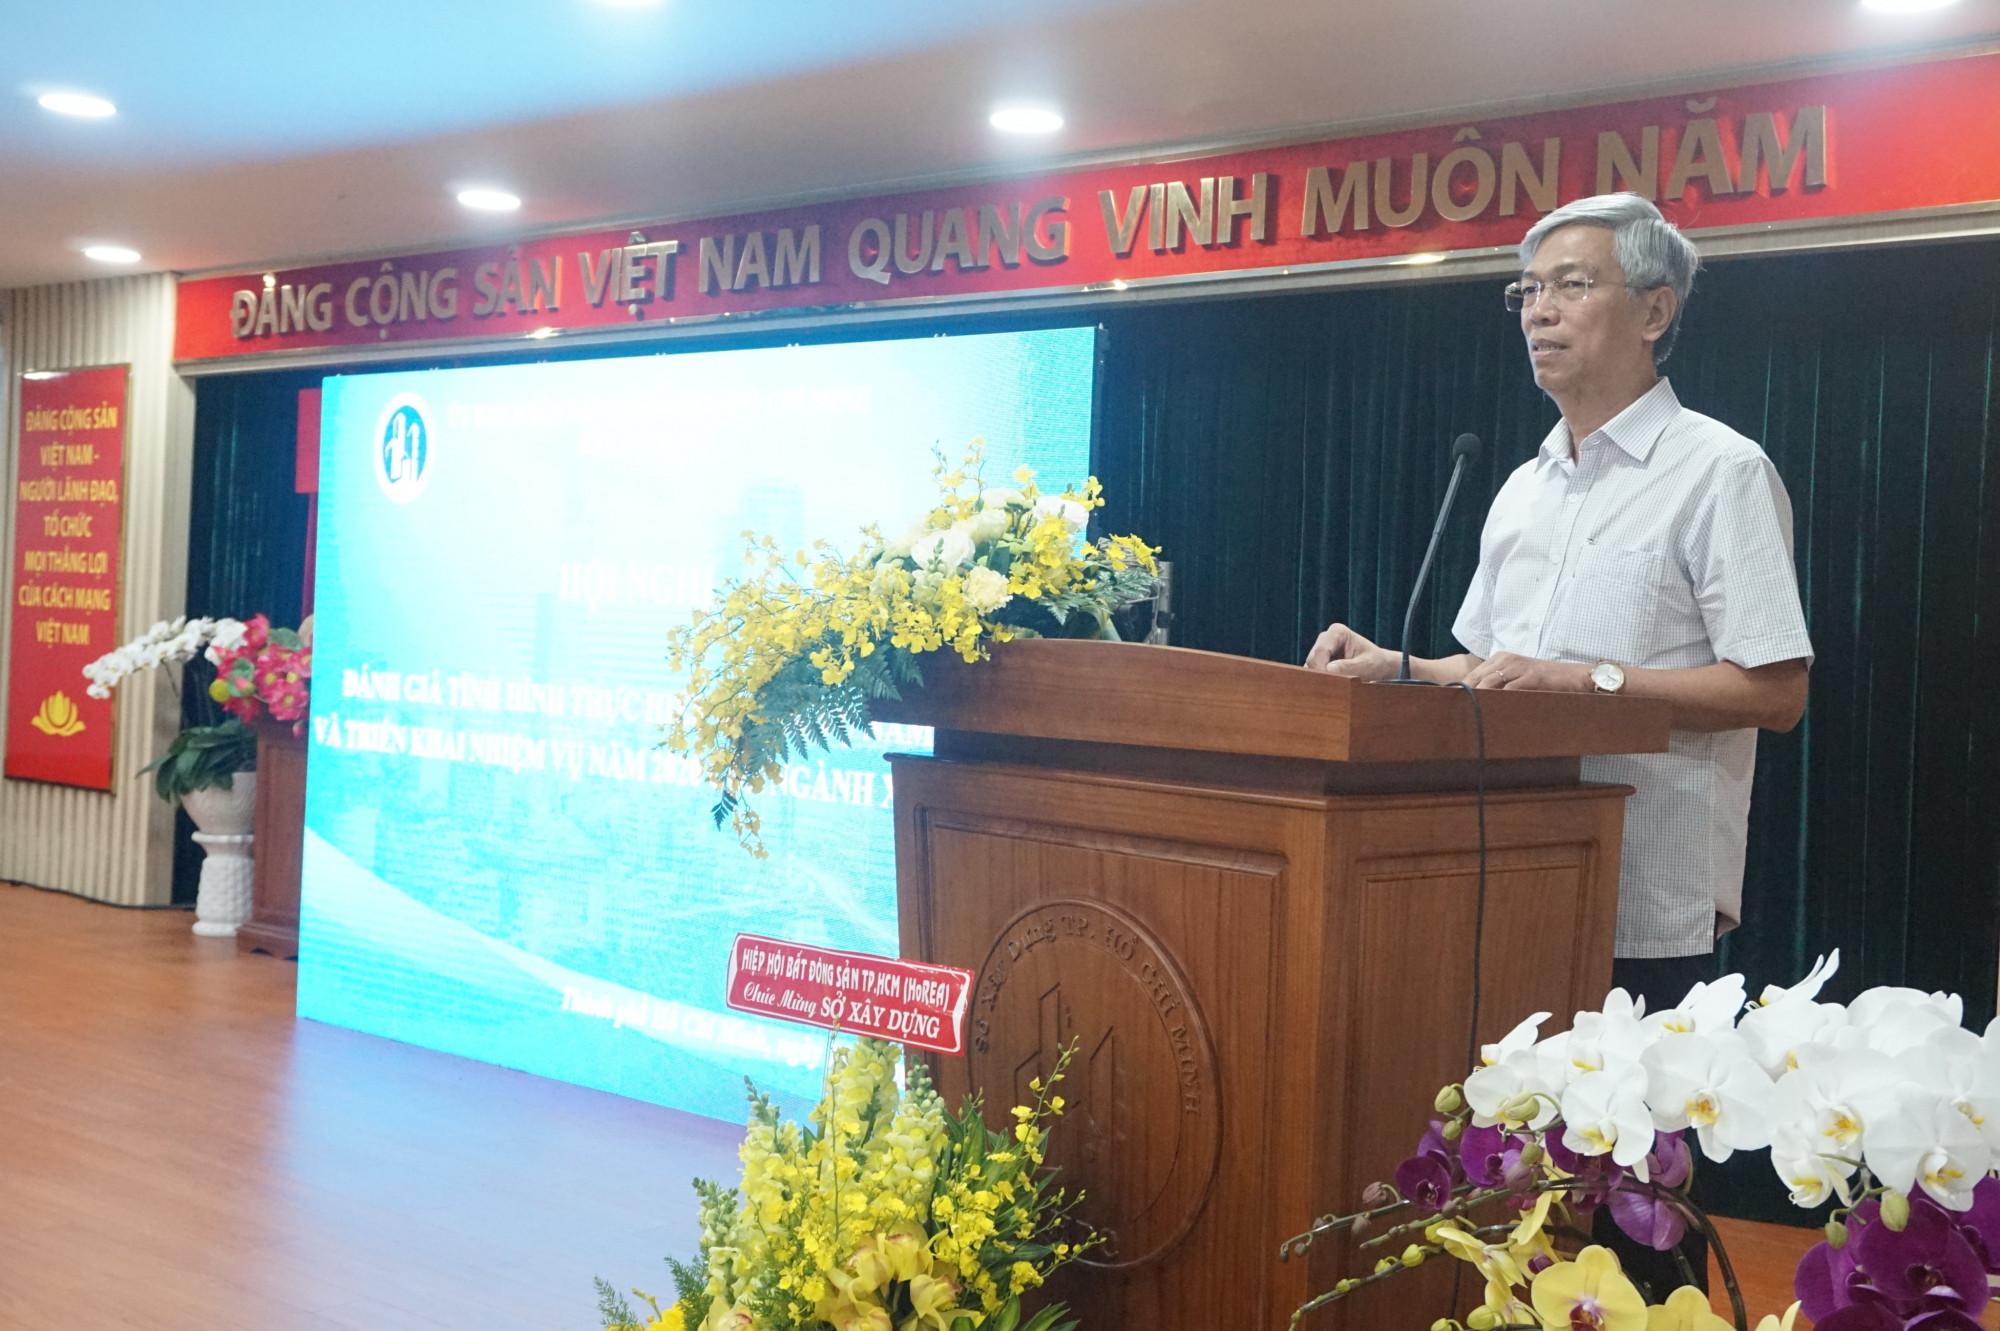 Phó Chủ tịch UBND TPHCM Võ Văn Hoan tại hội nghị tổng kết của Sở Xây dựng TPHCM sáng 14/1